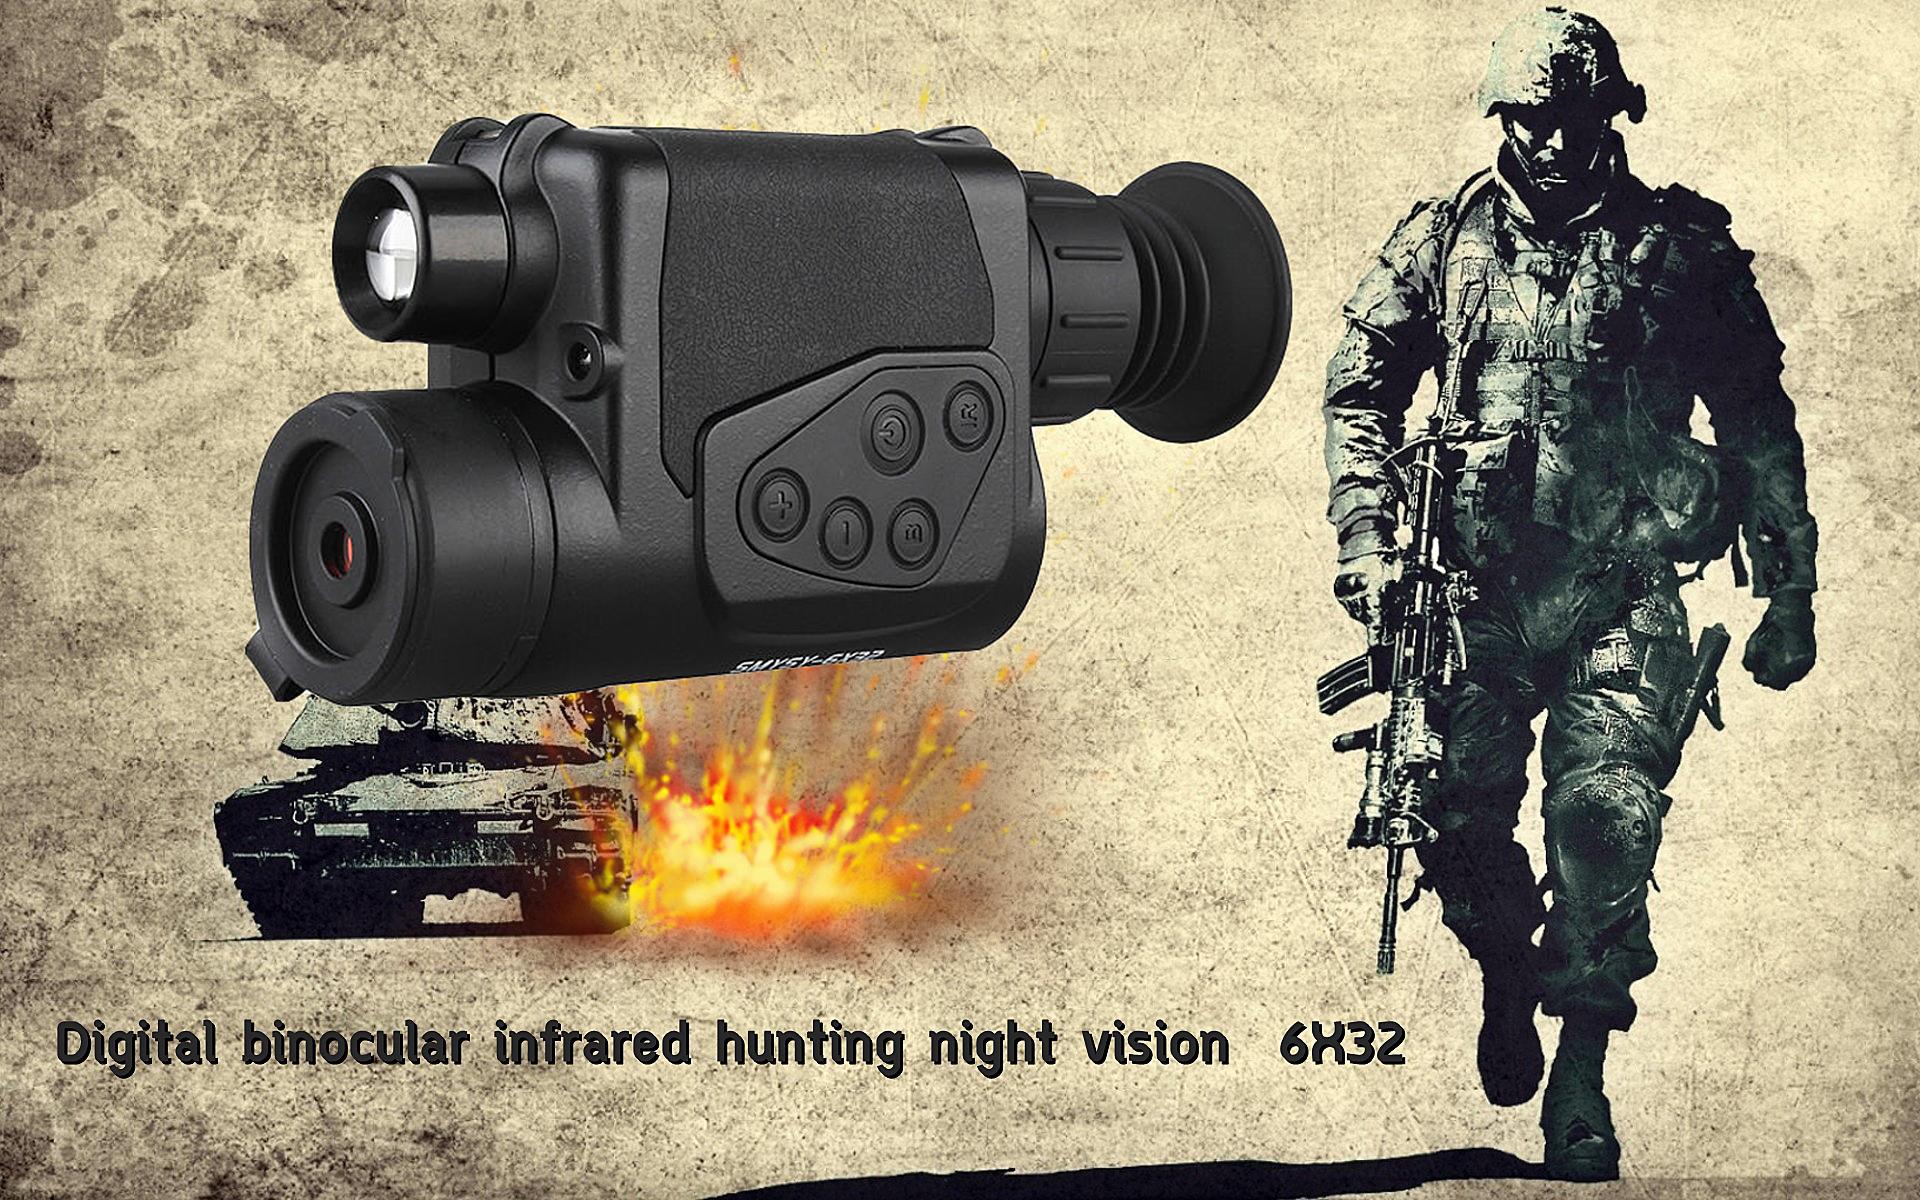 รุ่น ZIYOUHU 6X32 กล้องส่องทางไกล อินฟาเรด (แบบตาเดียว)